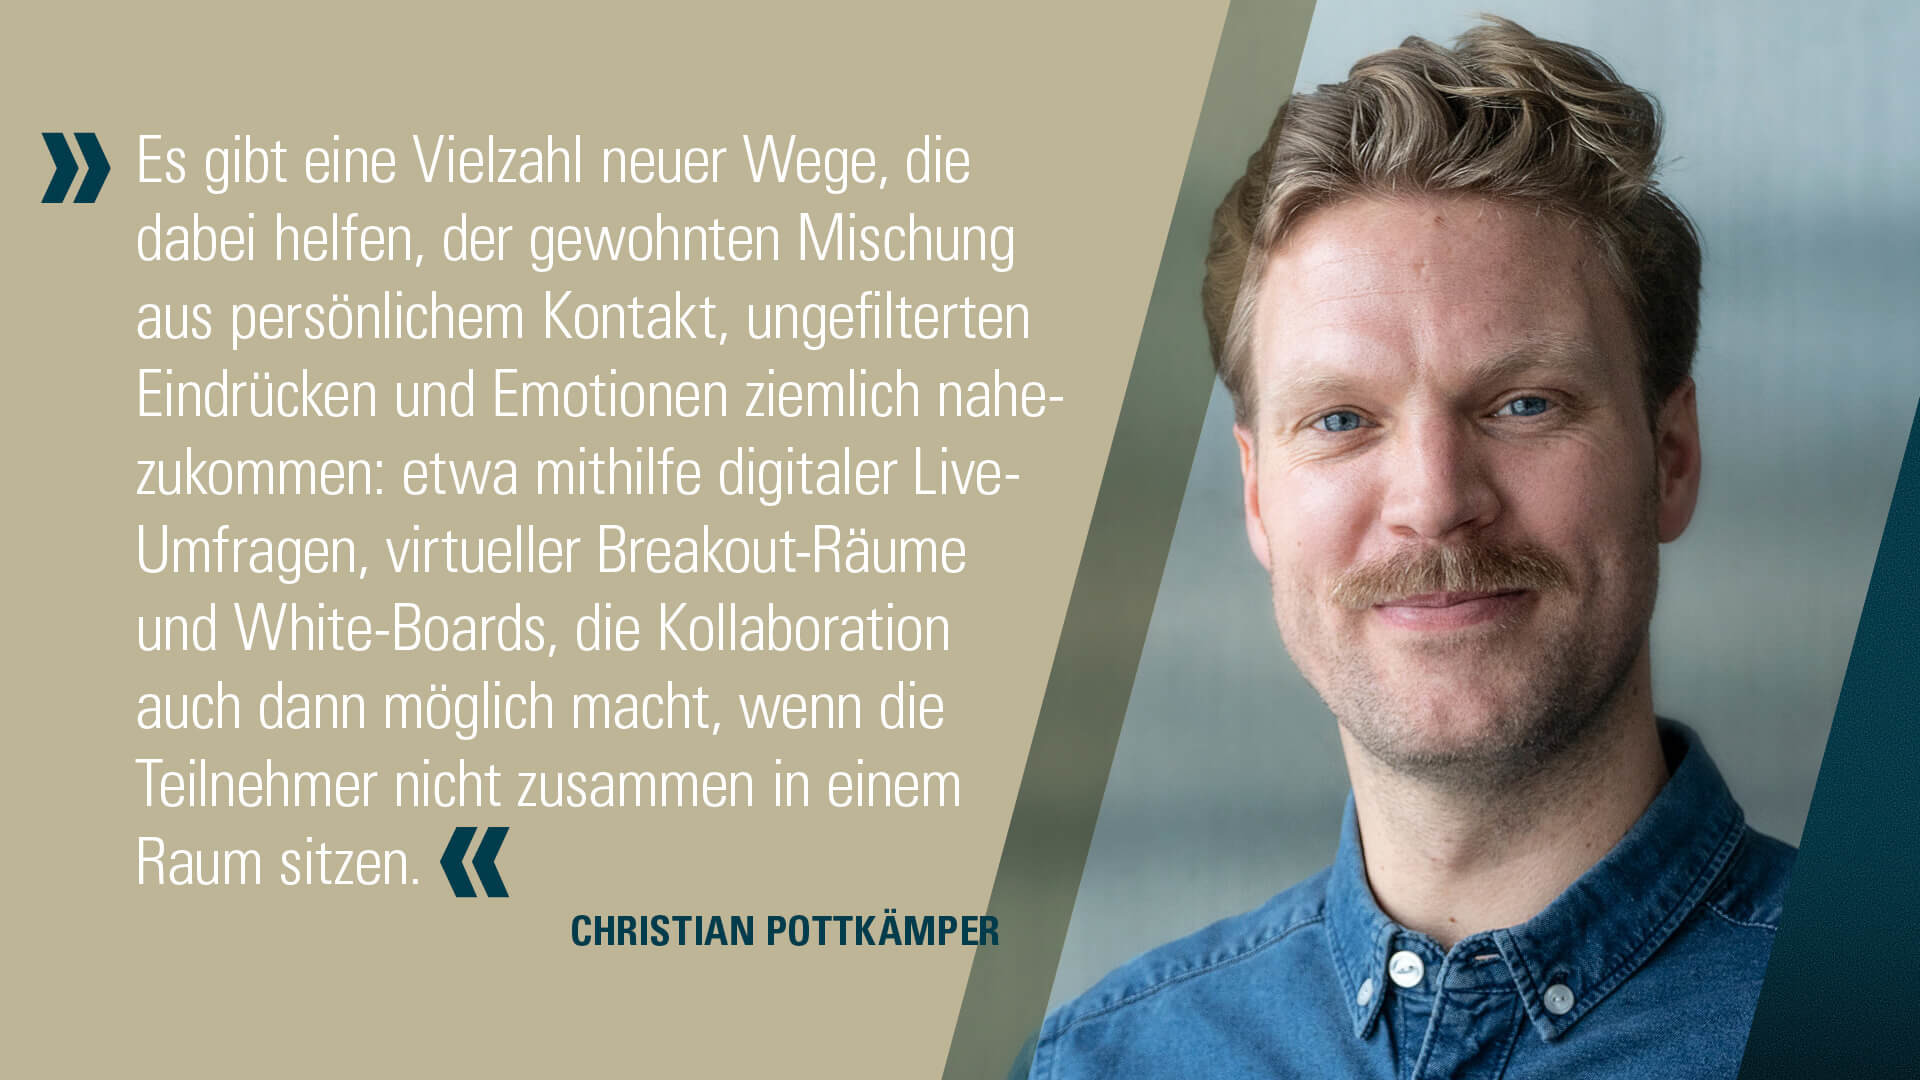 Christian Pottkämper Zitat